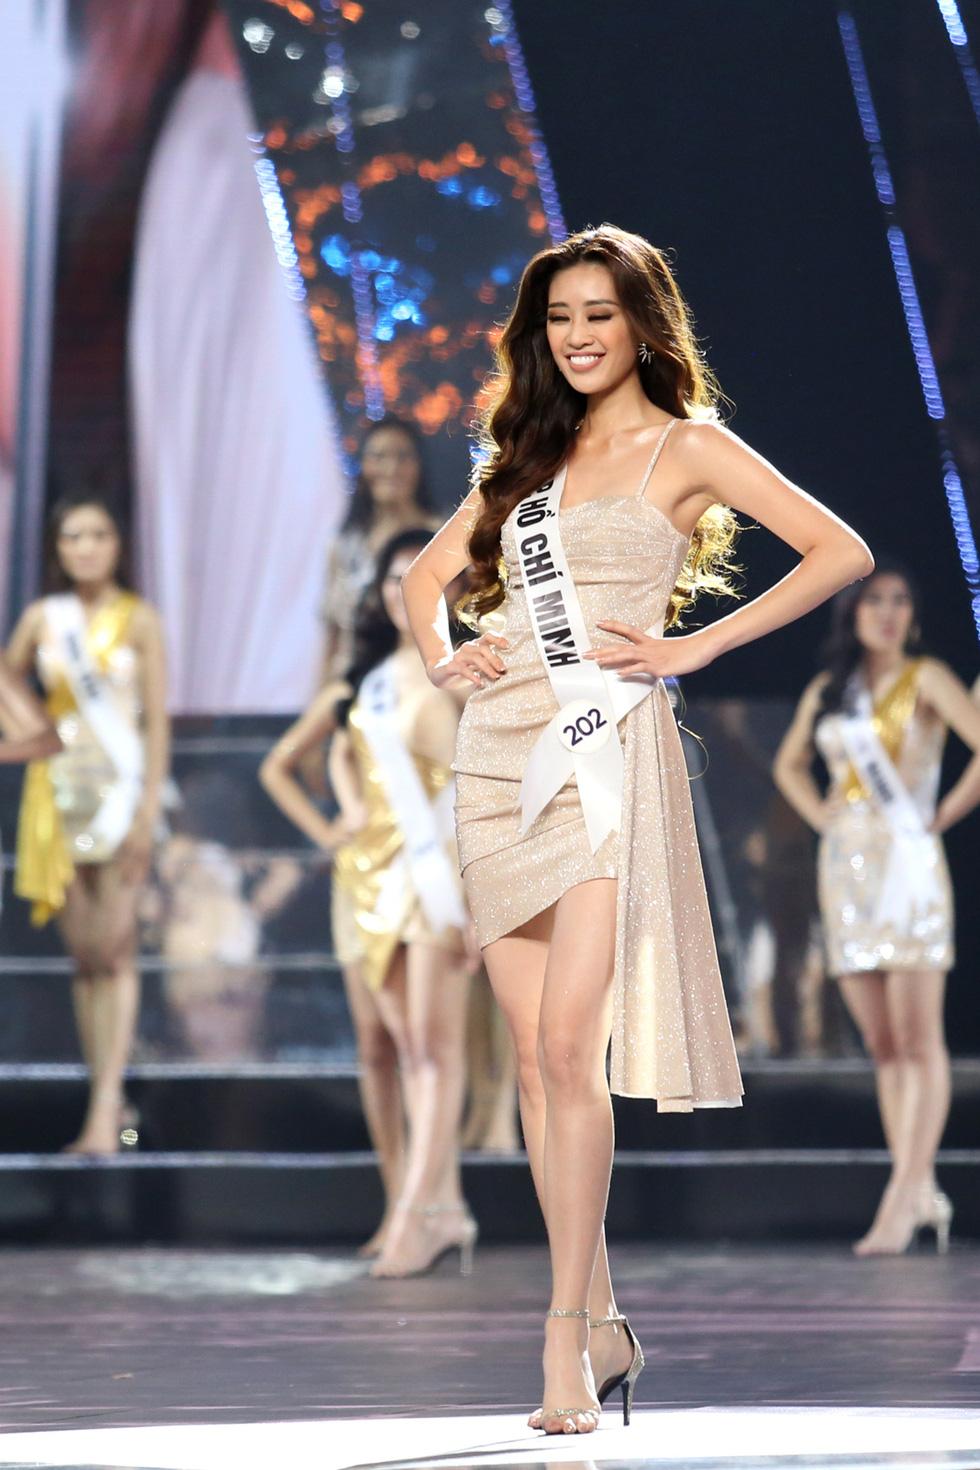 Cận cảnh nhan sắc tân Hoa hậu Hoàn vũ Việt Nam Nguyễn Trần Khánh Vân - Ảnh 5.